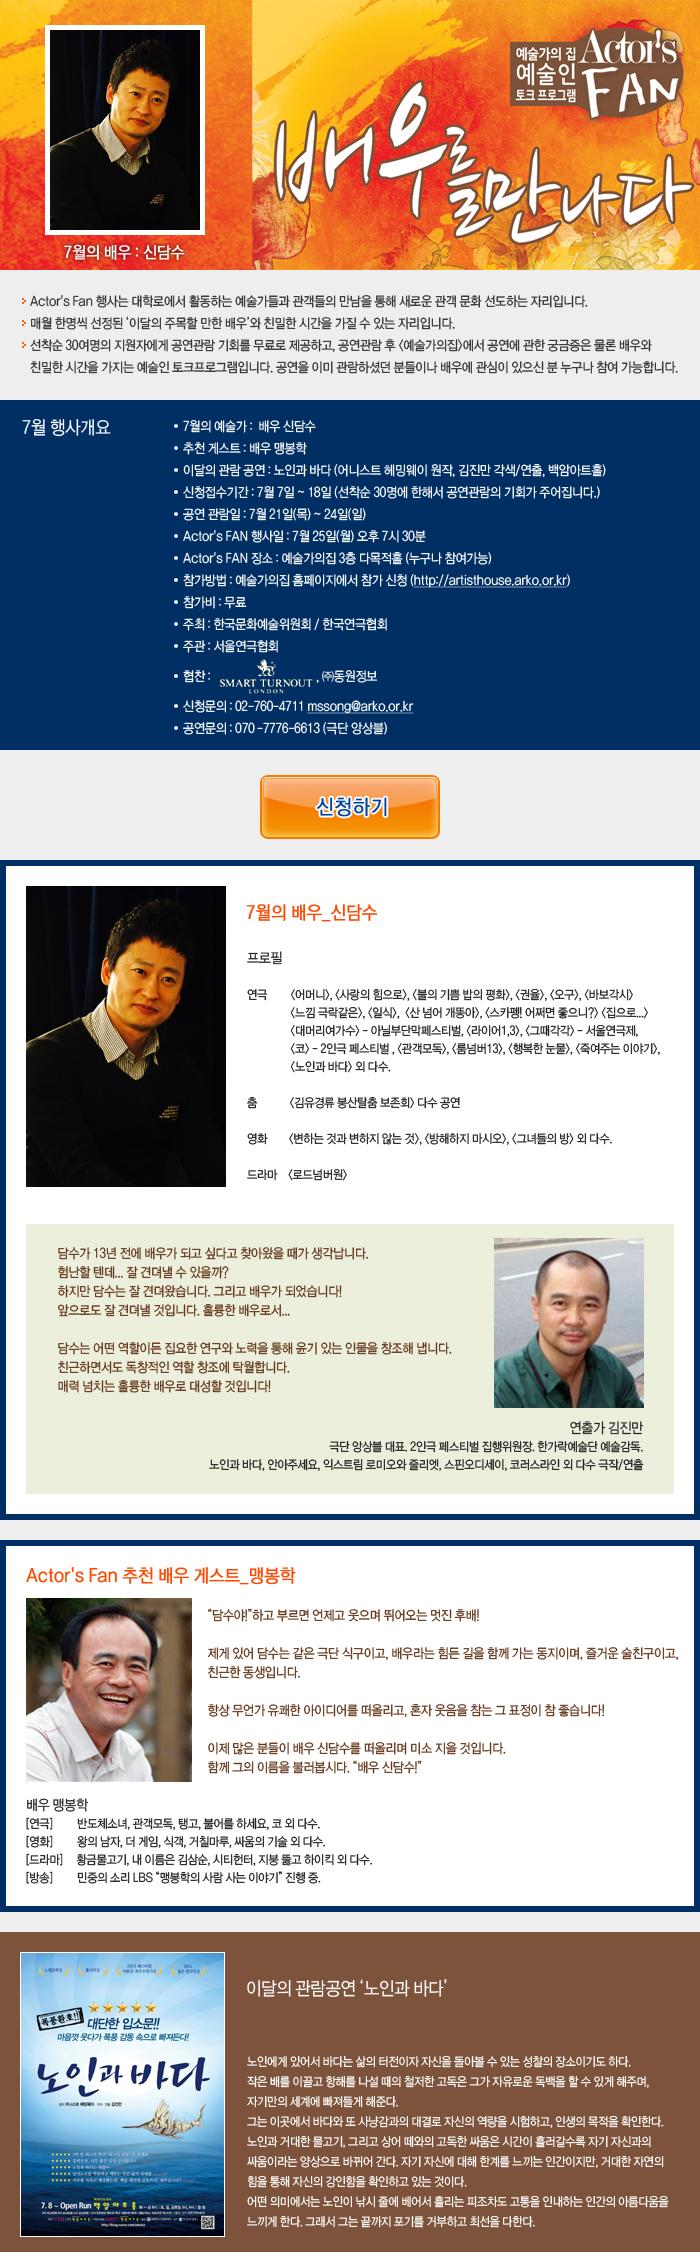 예술가의 집 예술인 토크 프로그램 「배우를 만나다 Actor's FAN」